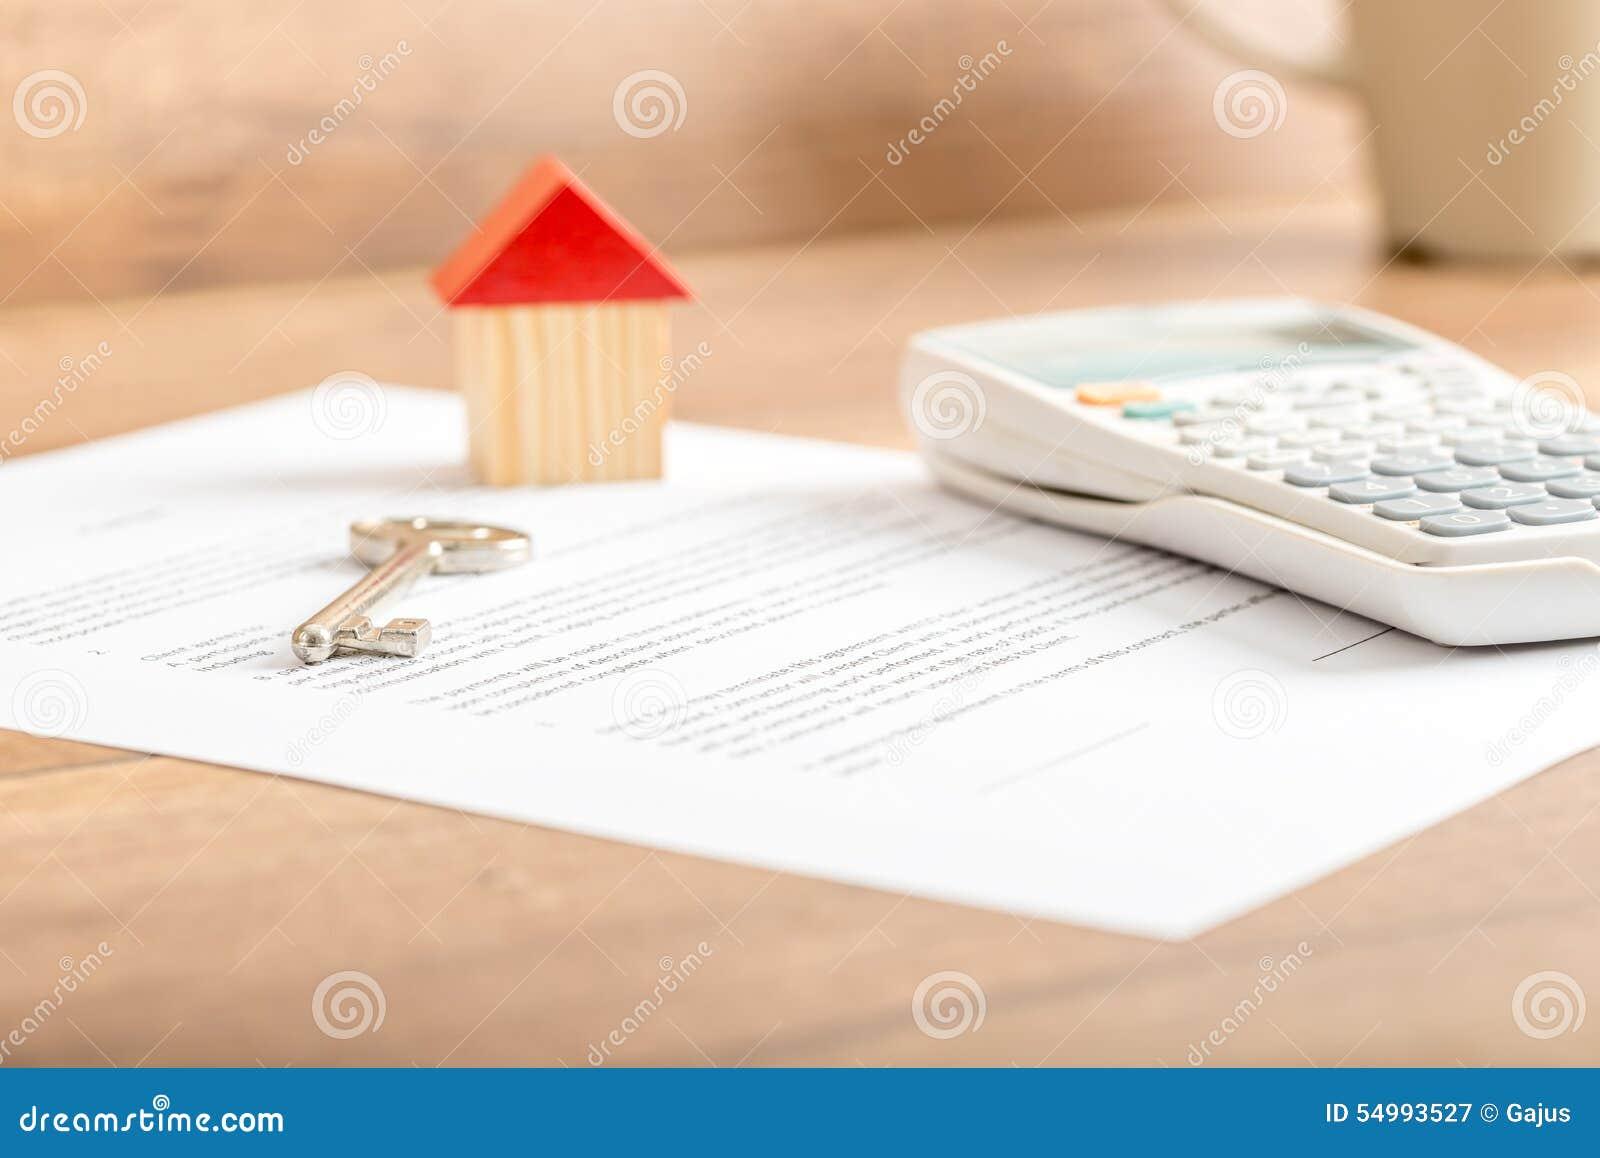 Menzogne chiave della casa d argento su un contratto per la vendita della casa